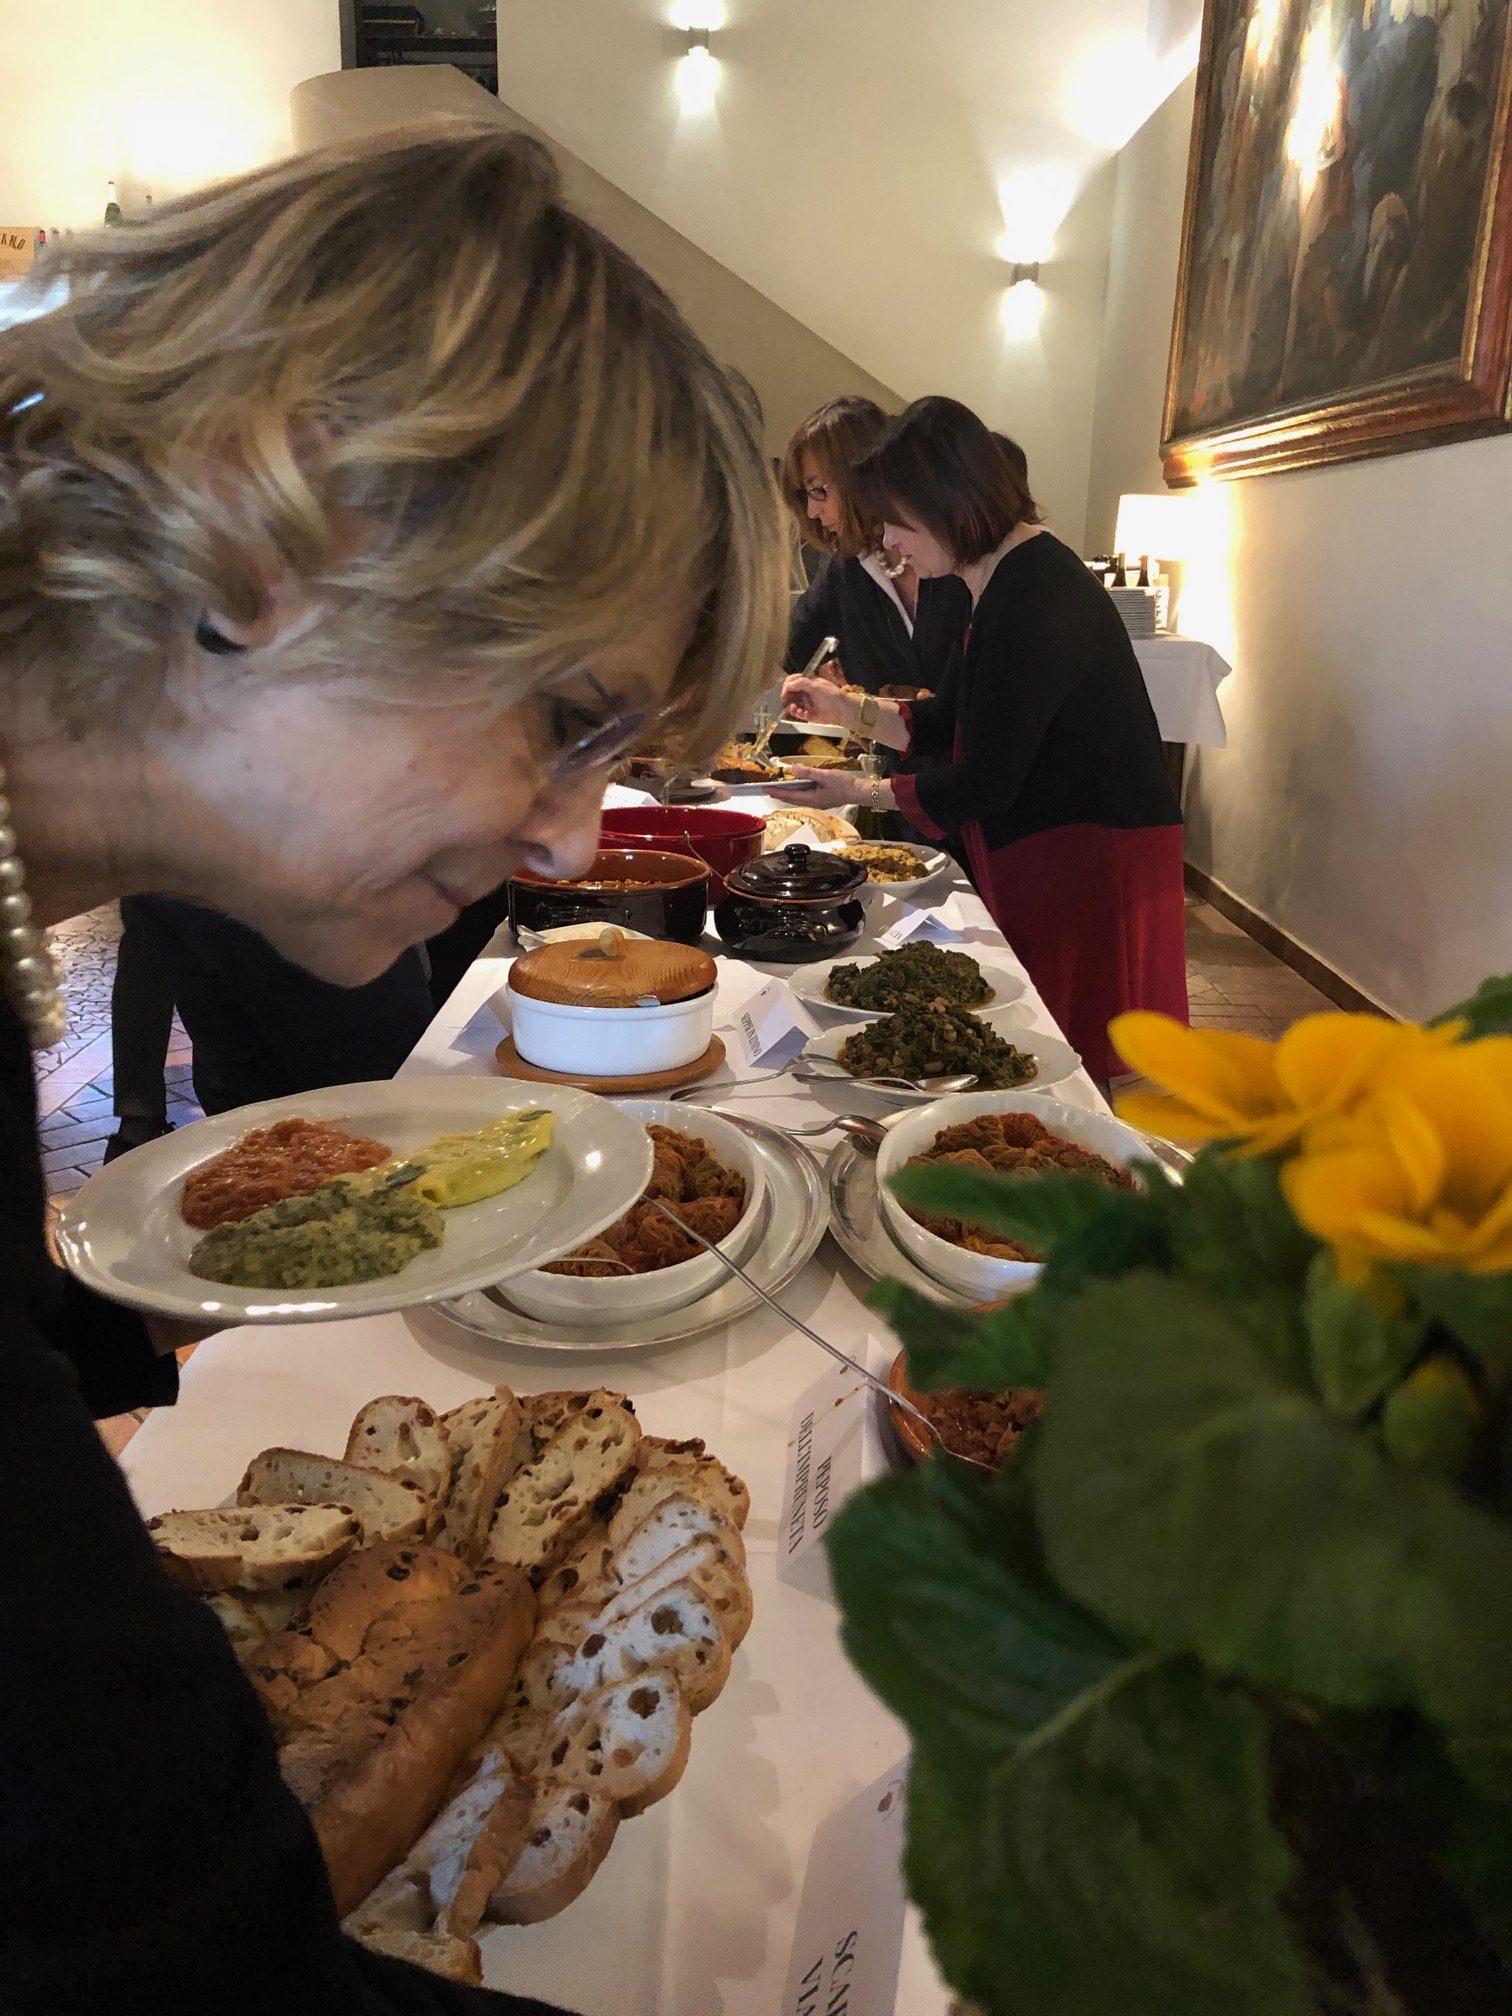 La Limonaia Villa Rospigliosi marzia morganti temestini piatti della memoria prato villa